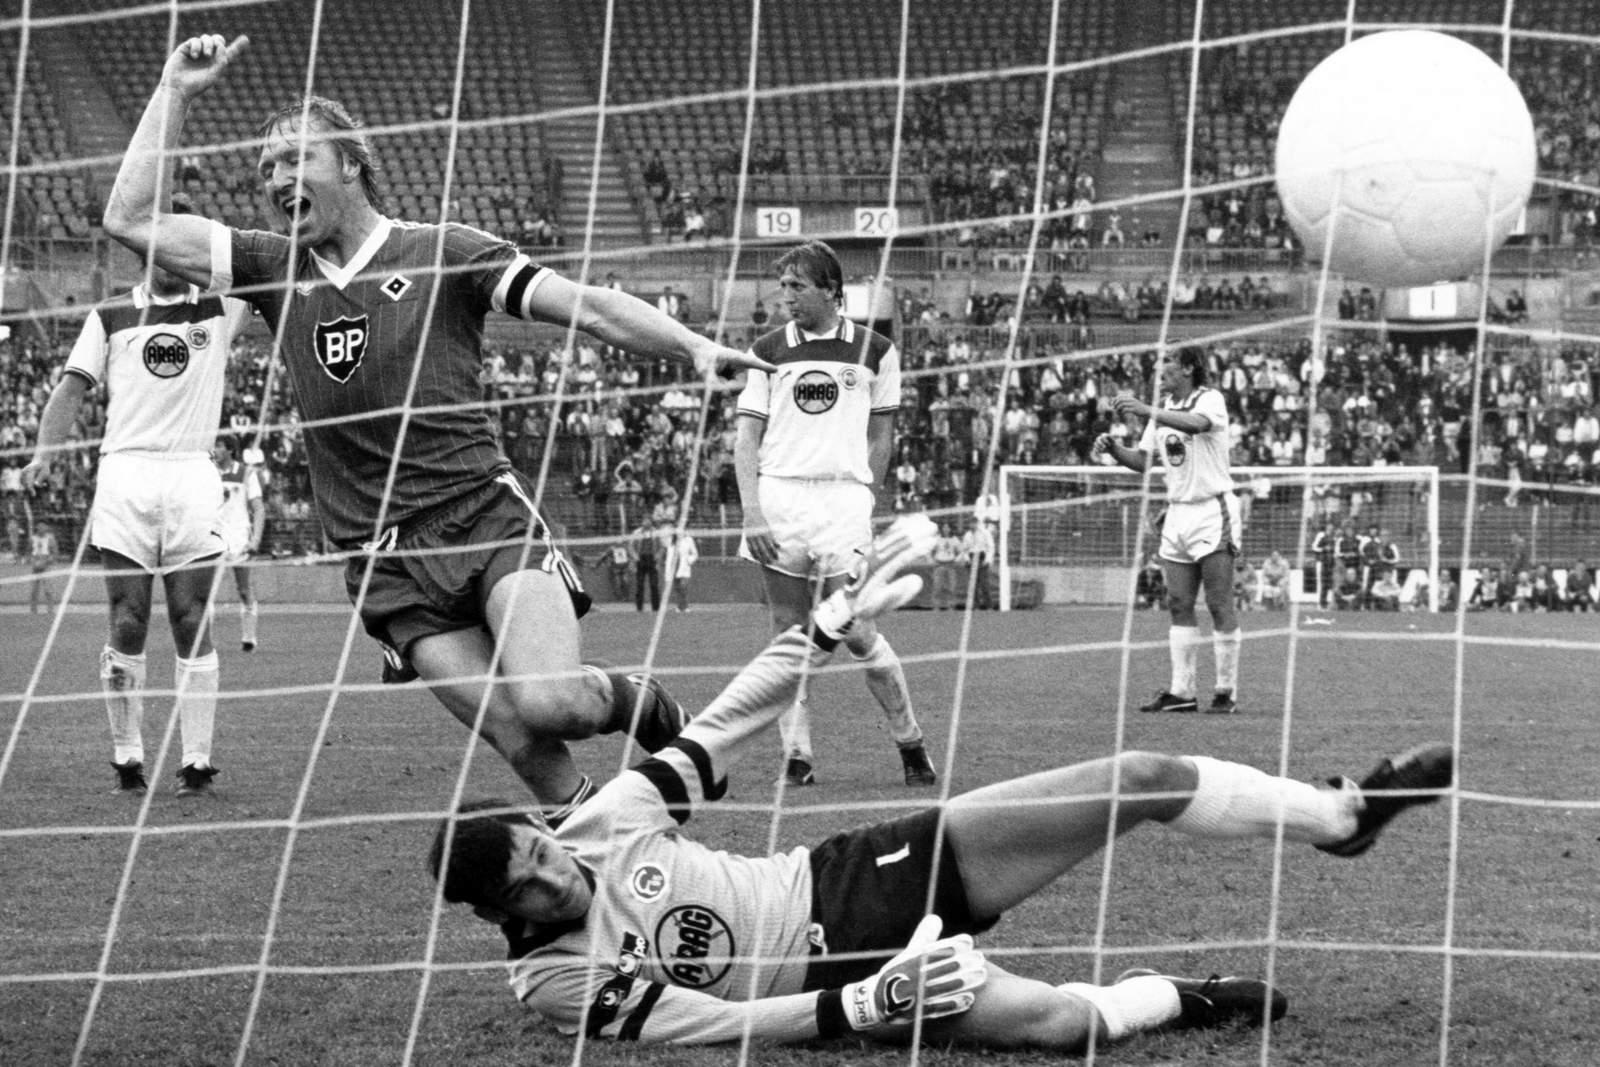 Trifft Hamburg wieder wie Hrubesch 1982? Jetzt auf HSV vs Fortuna Düsseldorf wetten